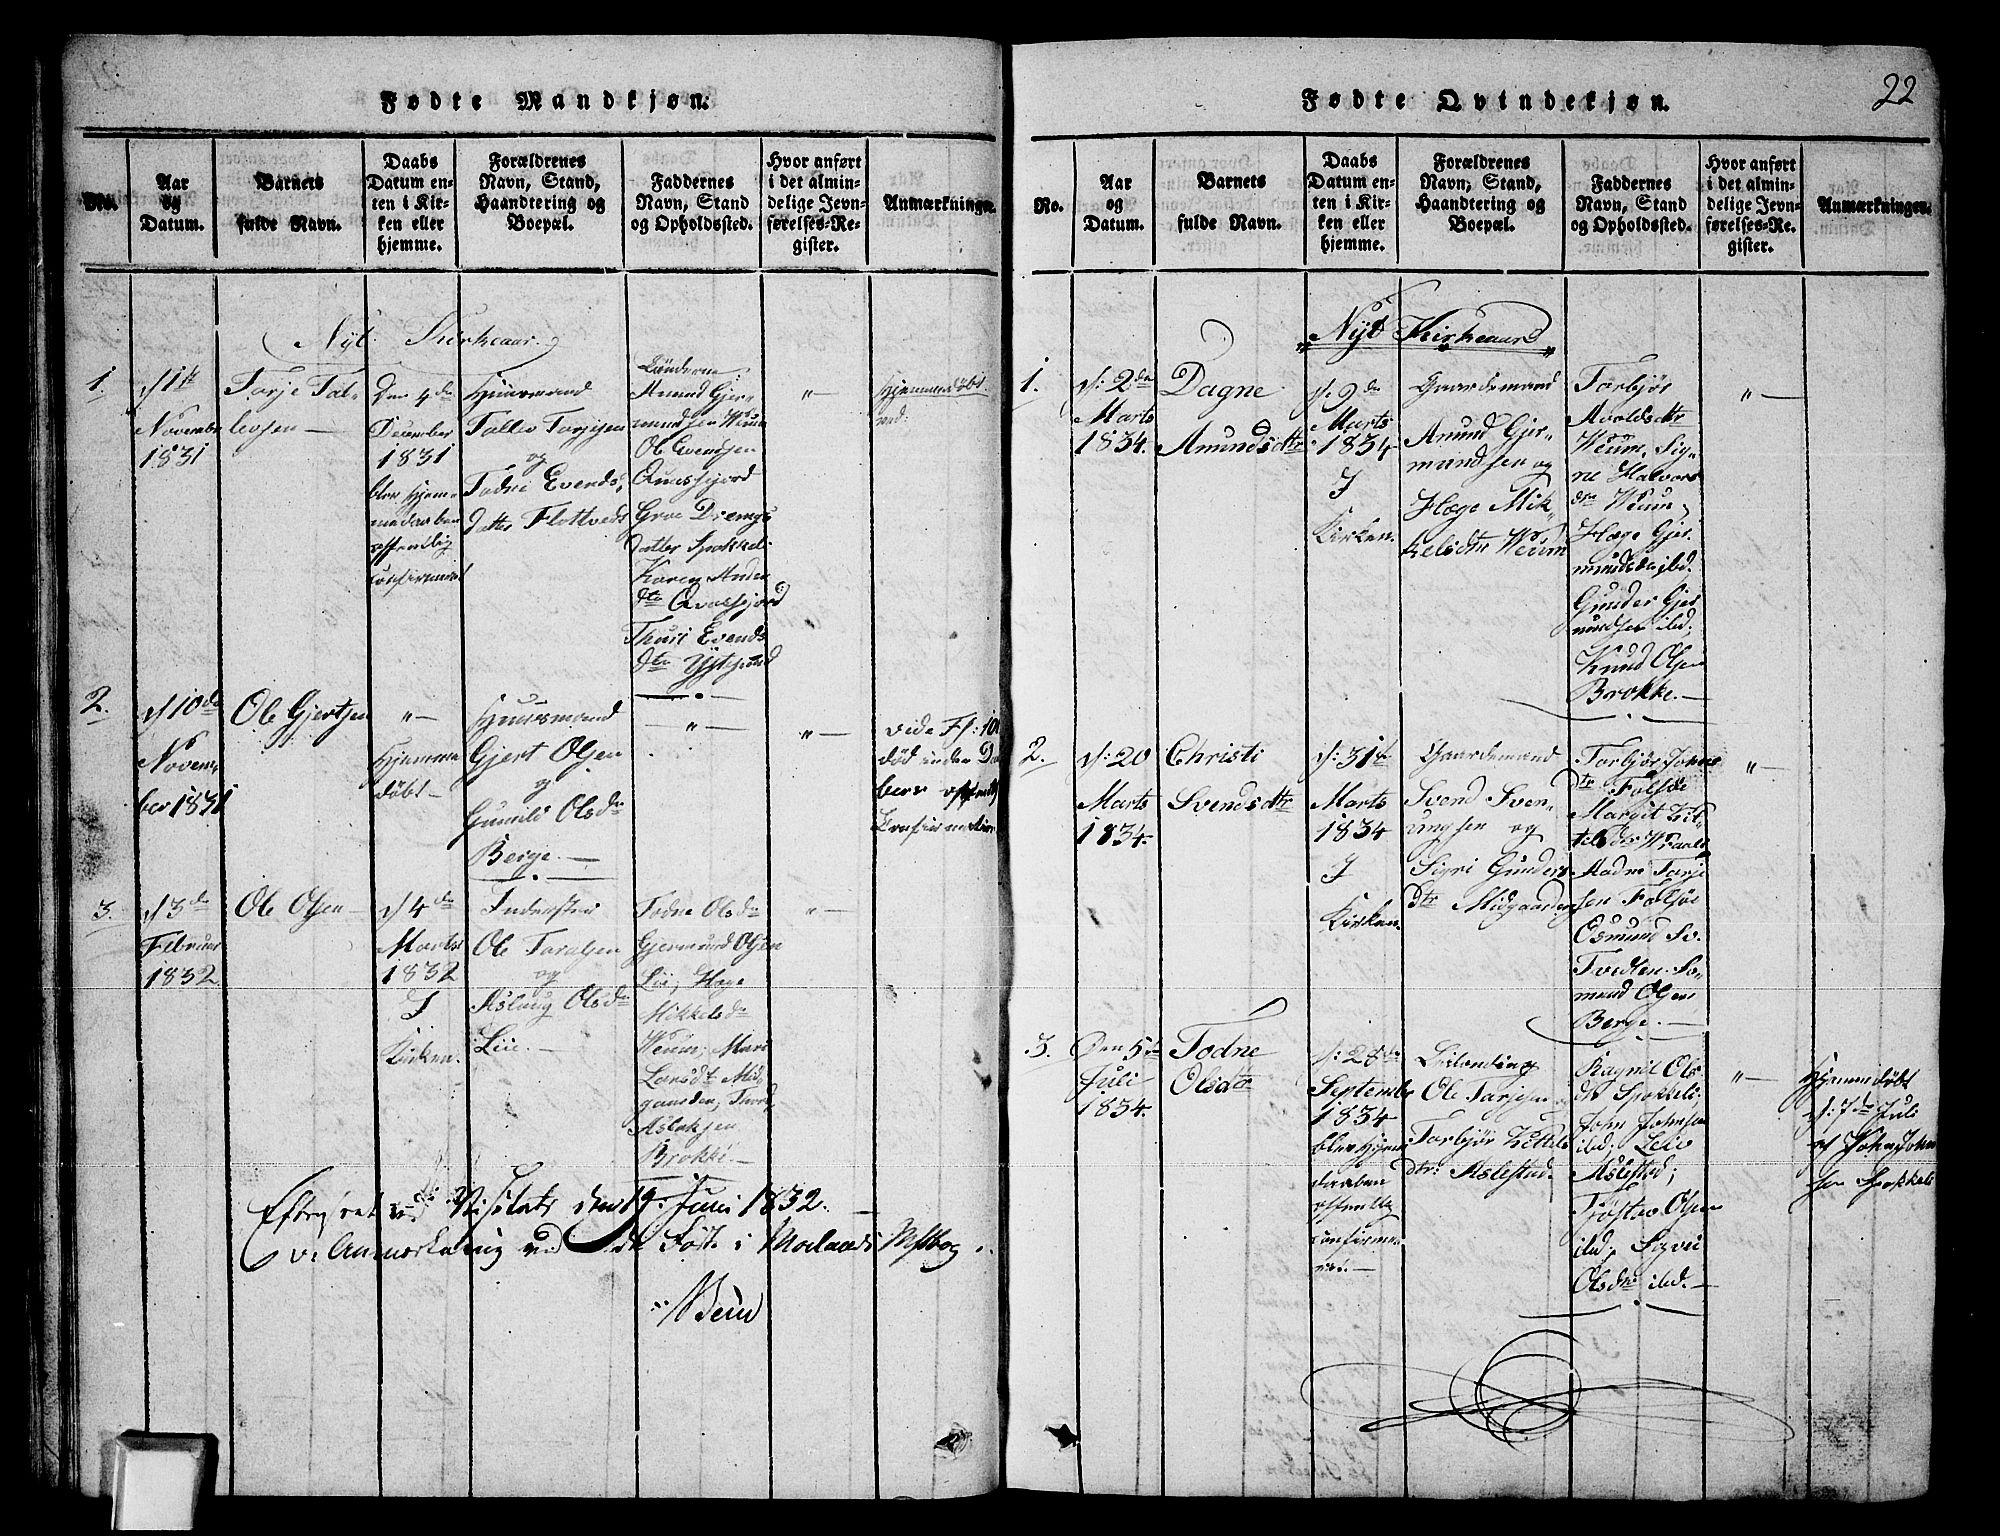 SAKO, Fyresdal kirkebøker, G/Ga/L0003: Klokkerbok nr. I 3, 1815-1863, s. 22